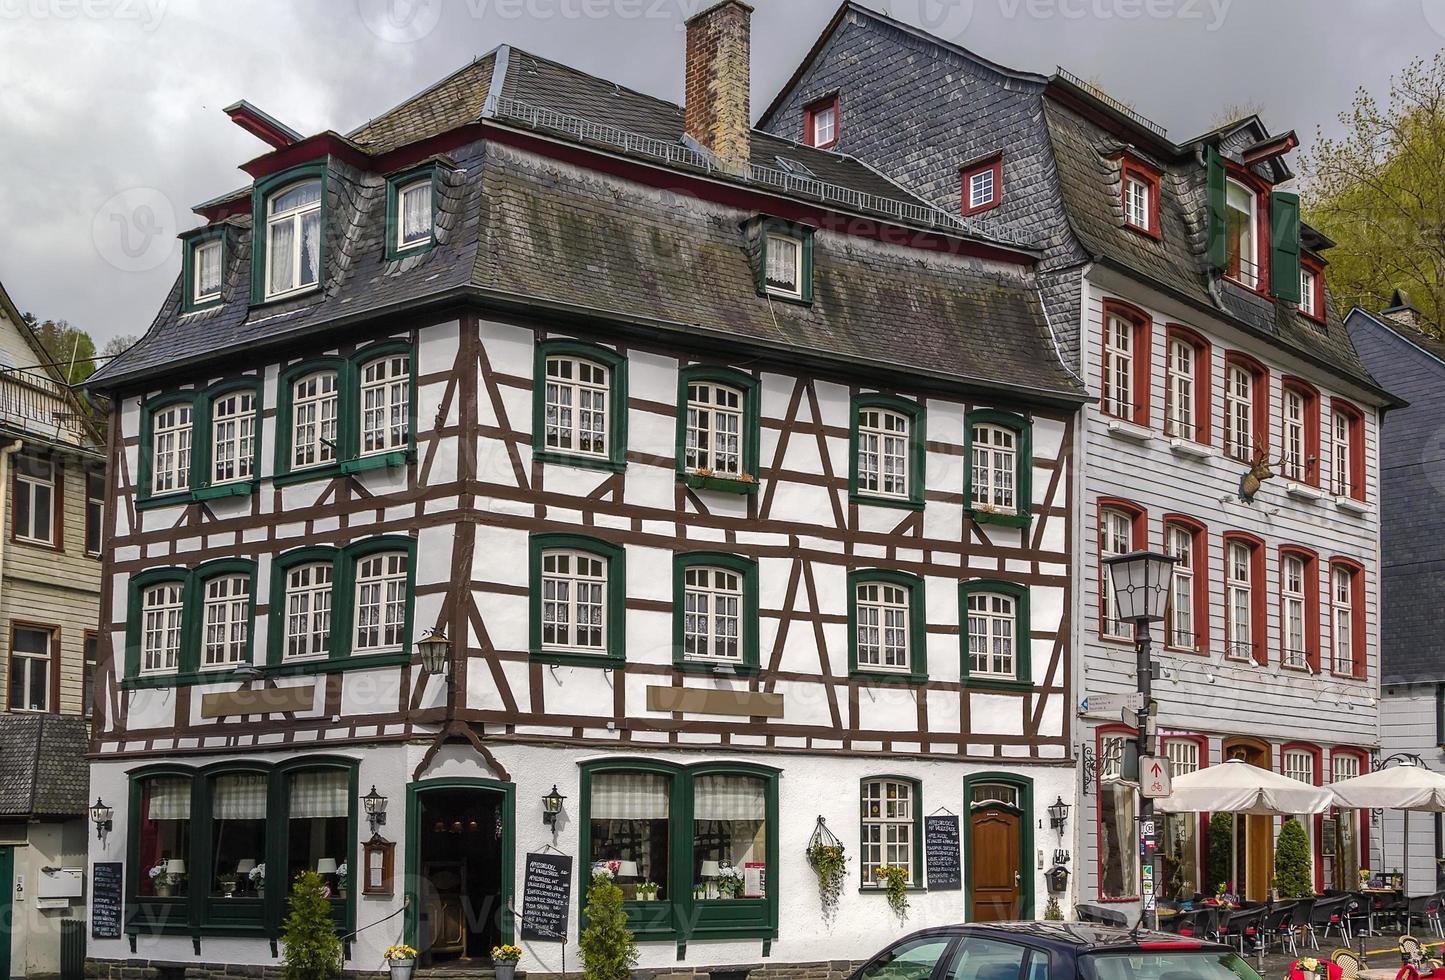 Maisons historiques à Monschau, Allemagne photo